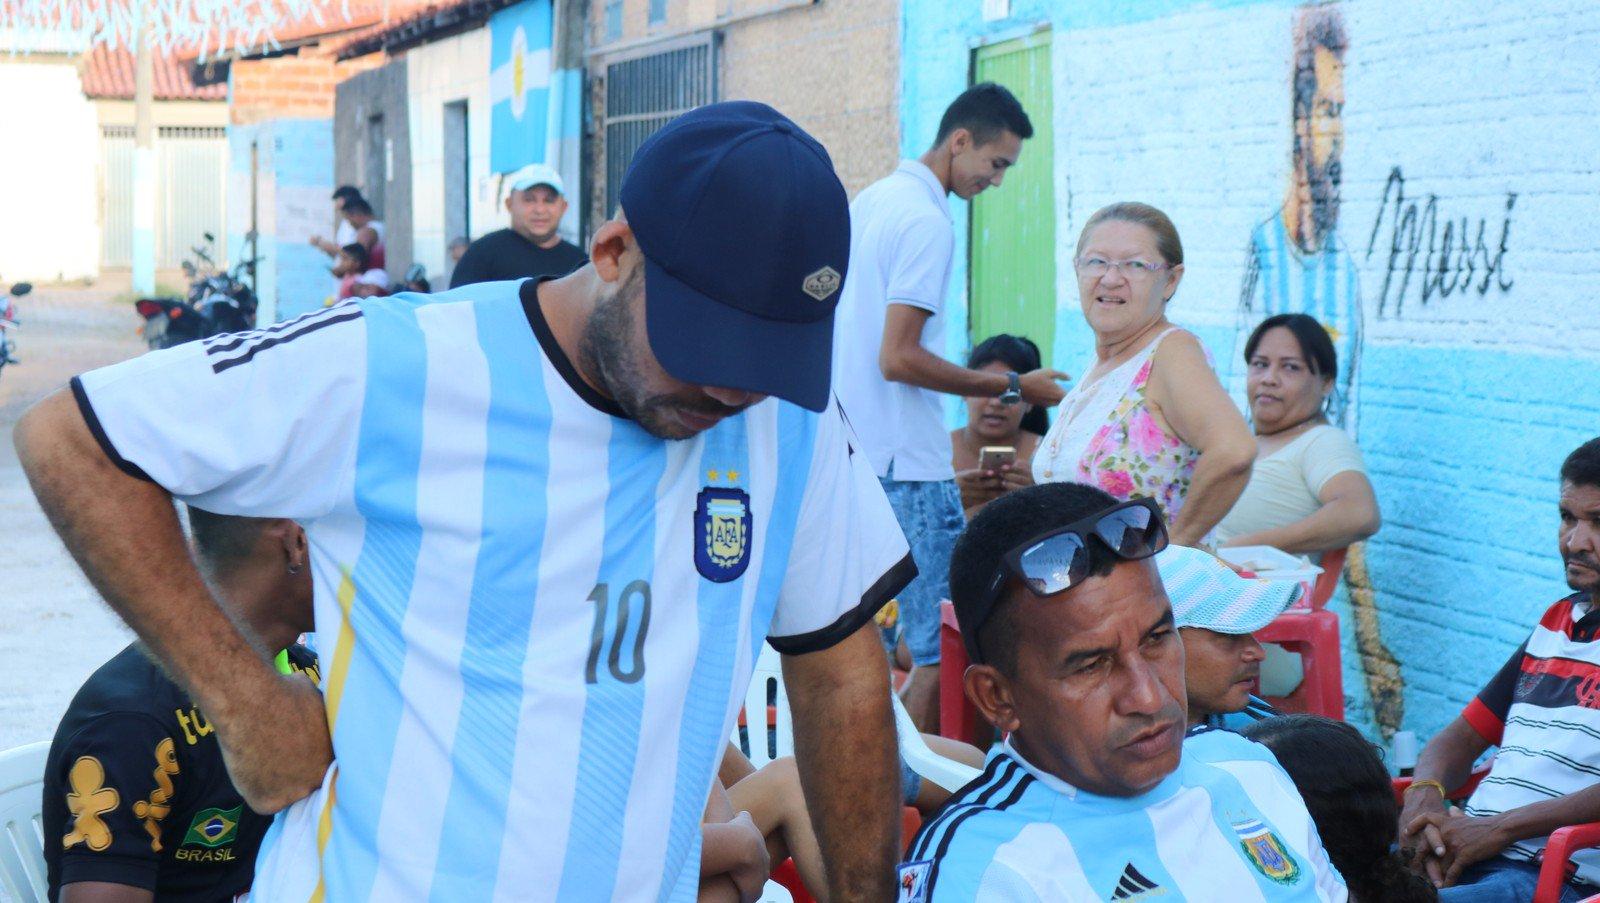 E a reação na Rua da Argentina, no Piauí? Veja como foi --> https://t.co/gKktscNvHV #GloboNaCopa https://t.co/w9IH5gZ8Y4